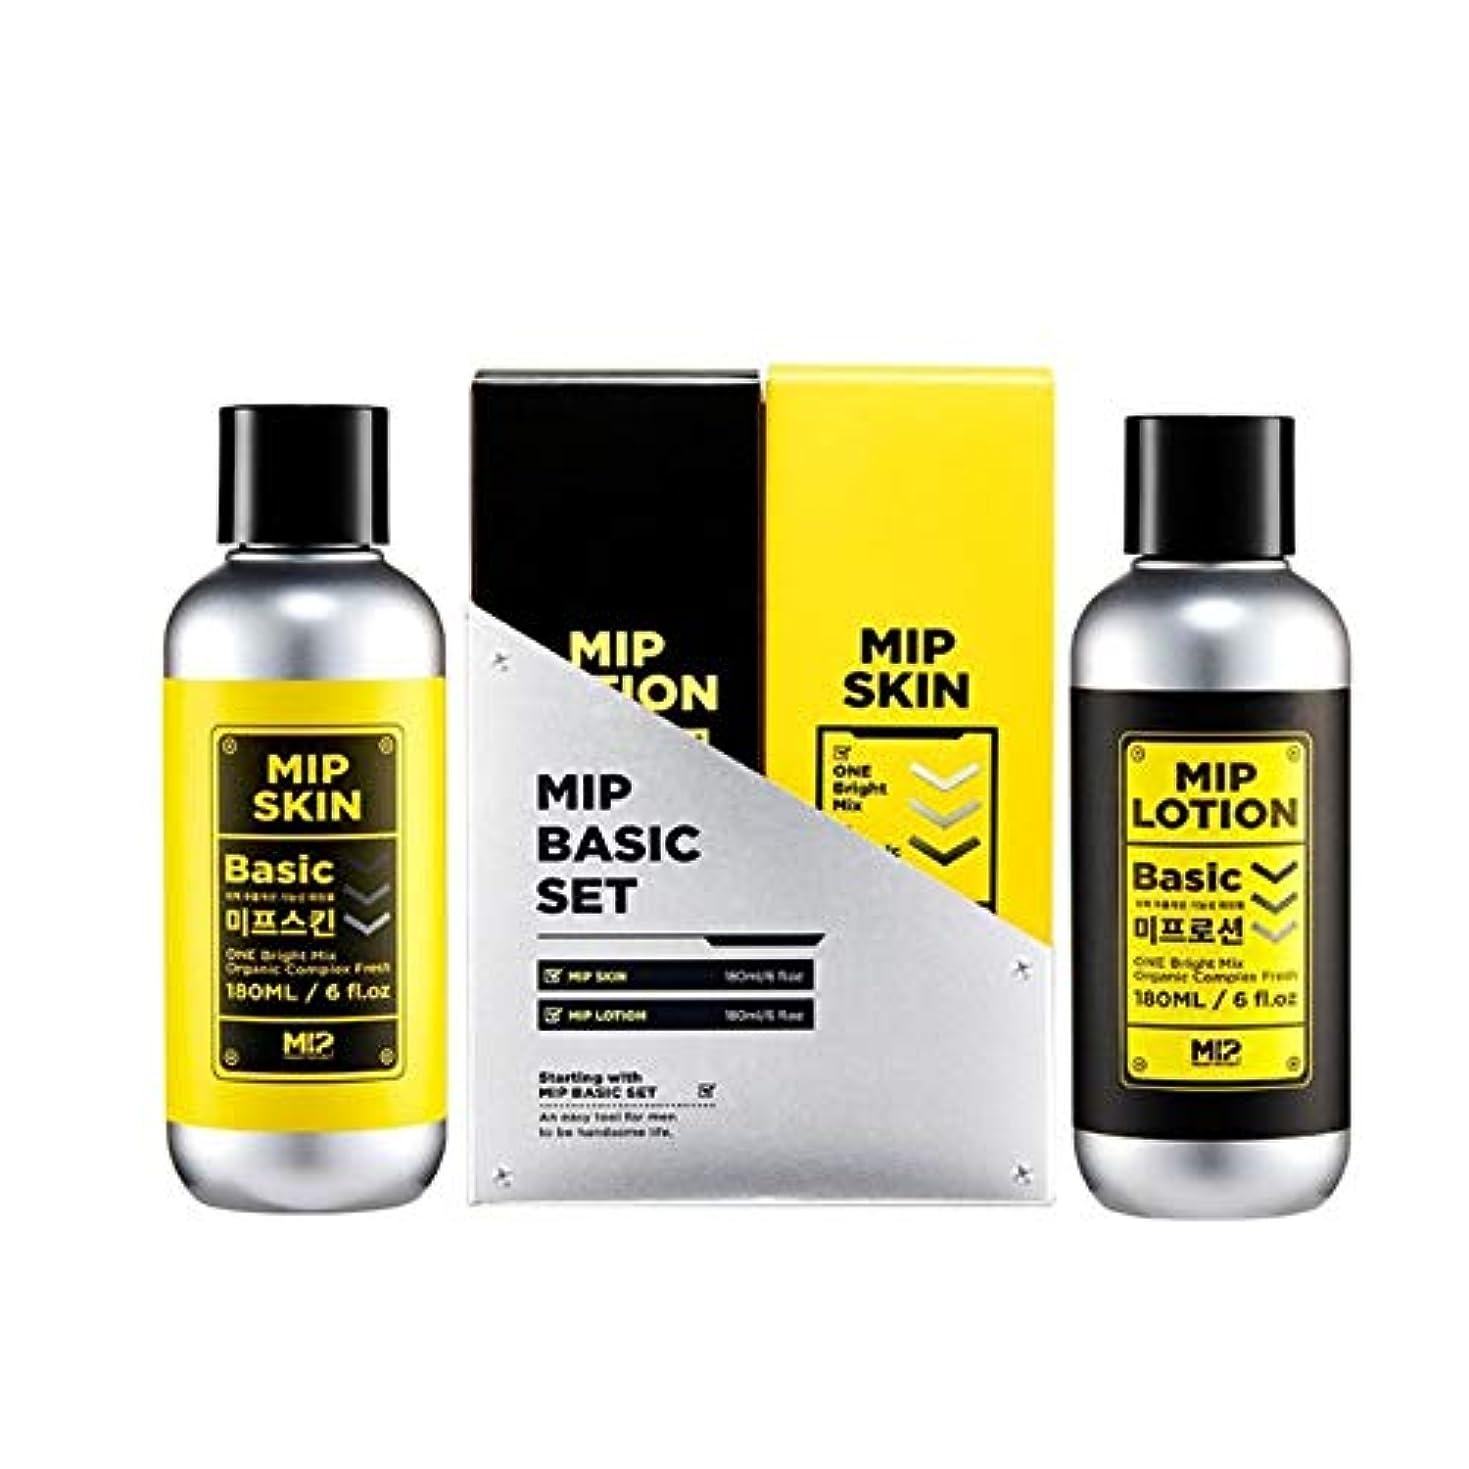 ミップスキン180mlローション180mlセットメンズコスメ韓国コスメ、Mip Skin 180ml Lotion 180ml Set Men's Cosmetics Korean Cosmetics [並行輸入品]